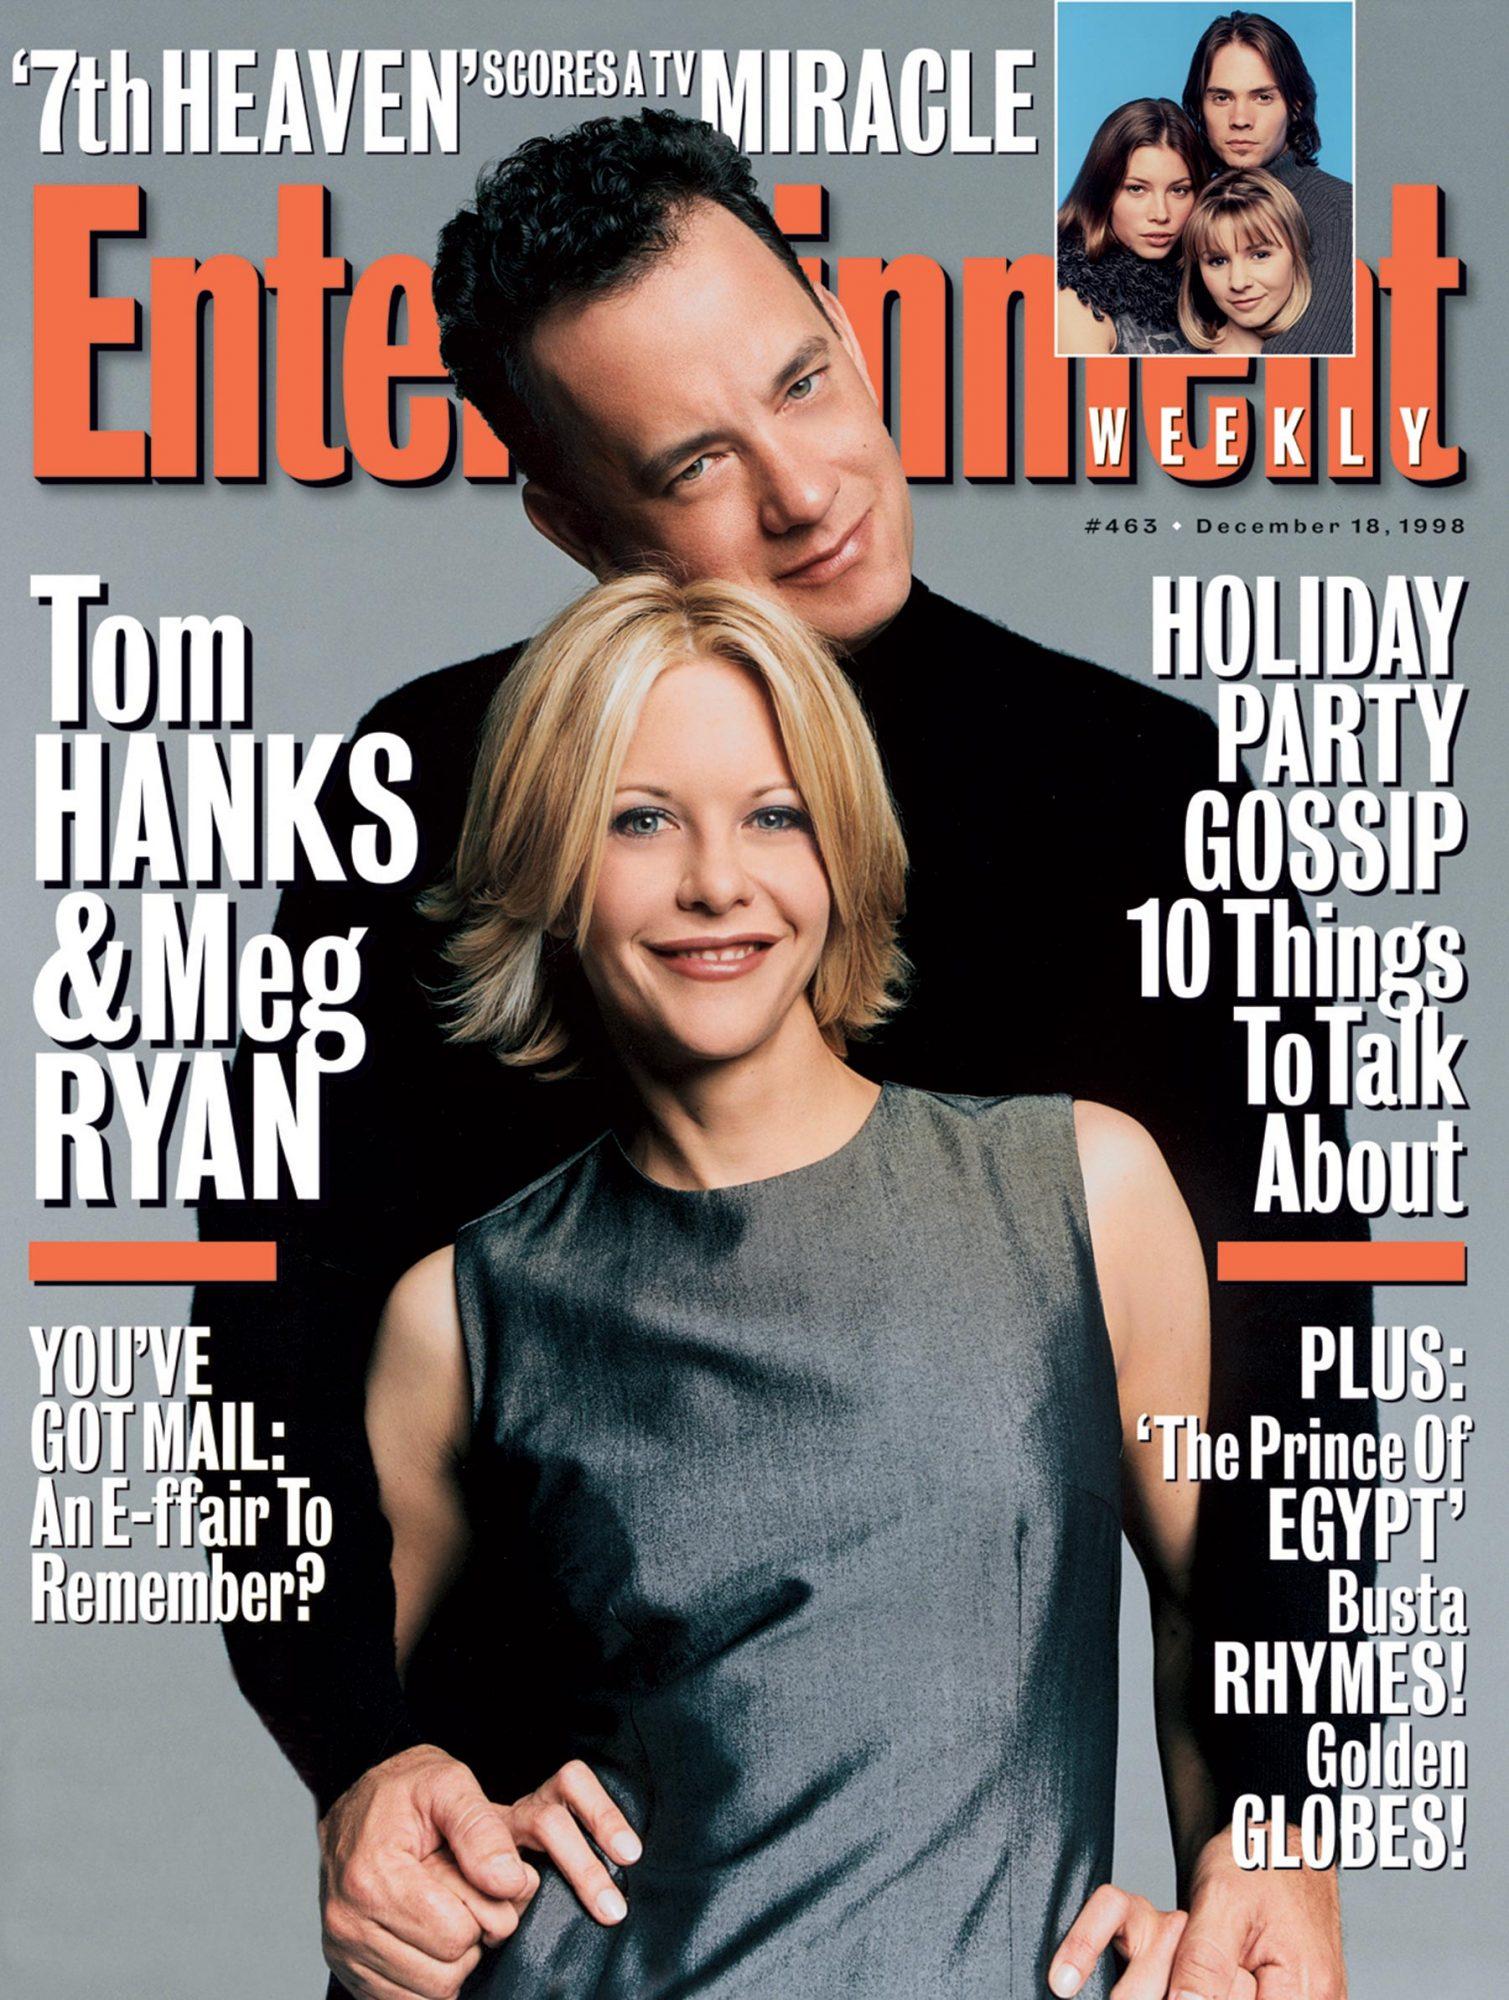 Entertainment WeeklyTom Hanks, Meg RyanDecember 18, 1998# 463